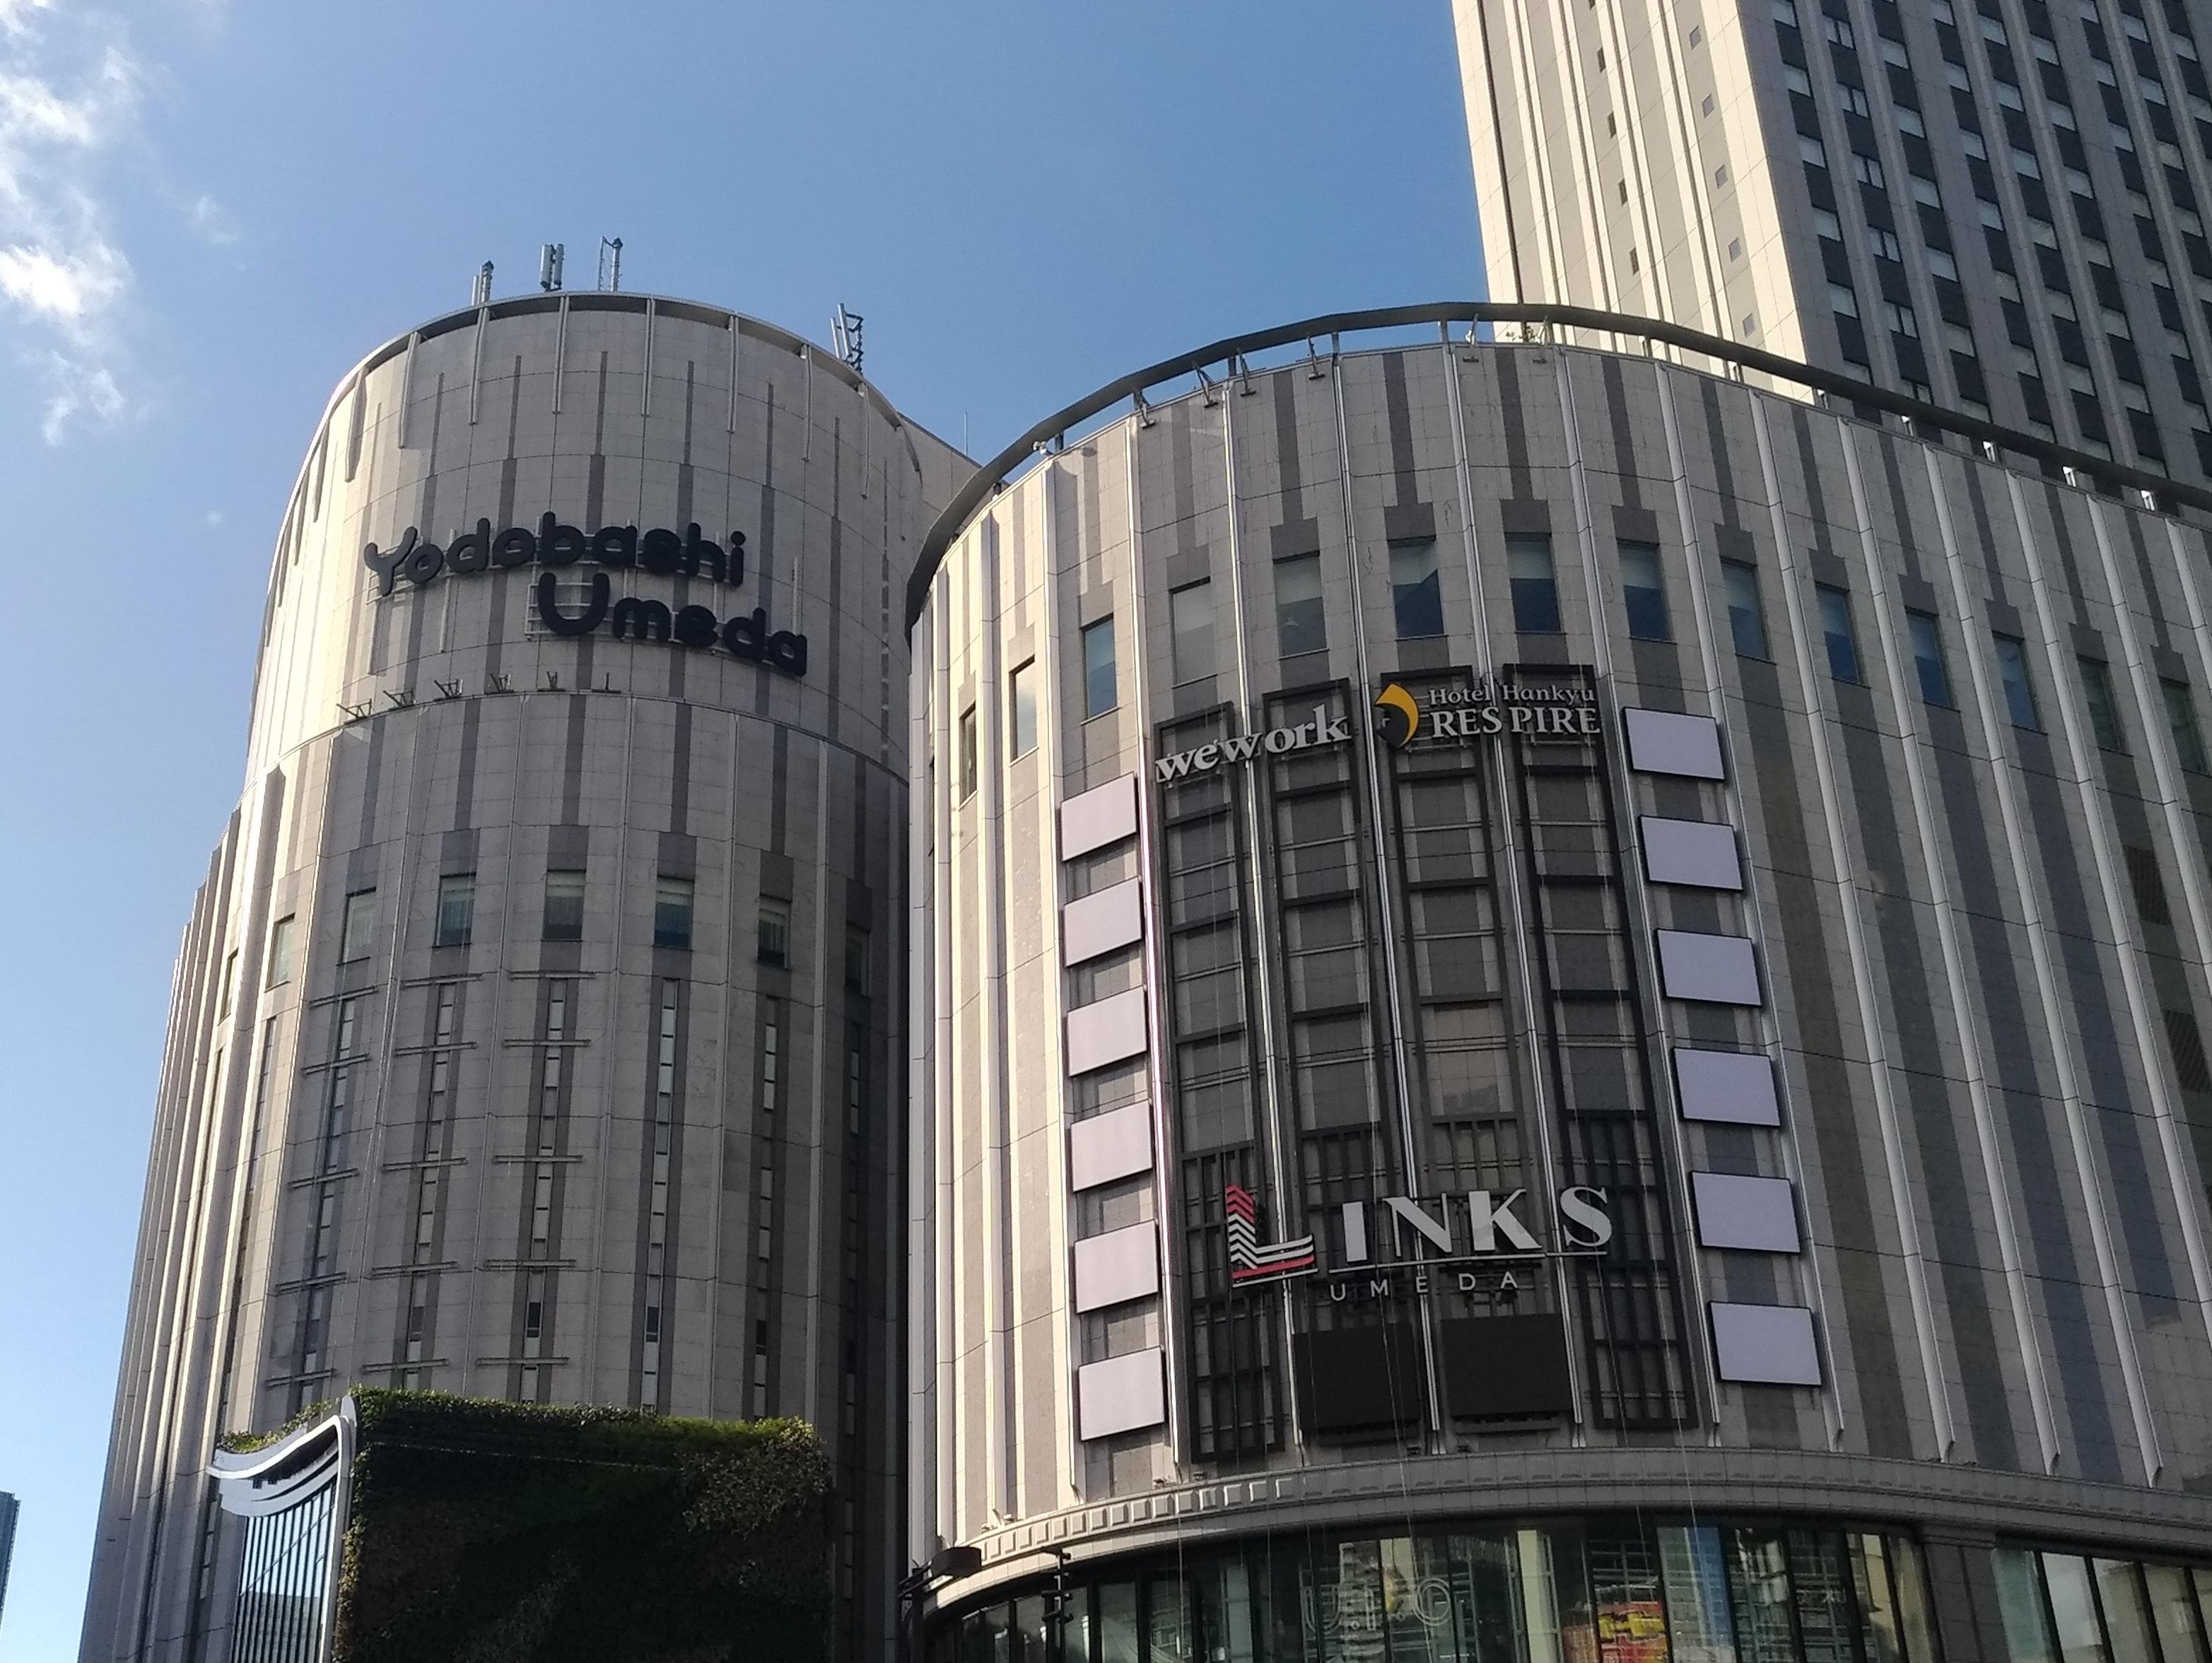 umeda_yodobashi_Links_tower.jpg